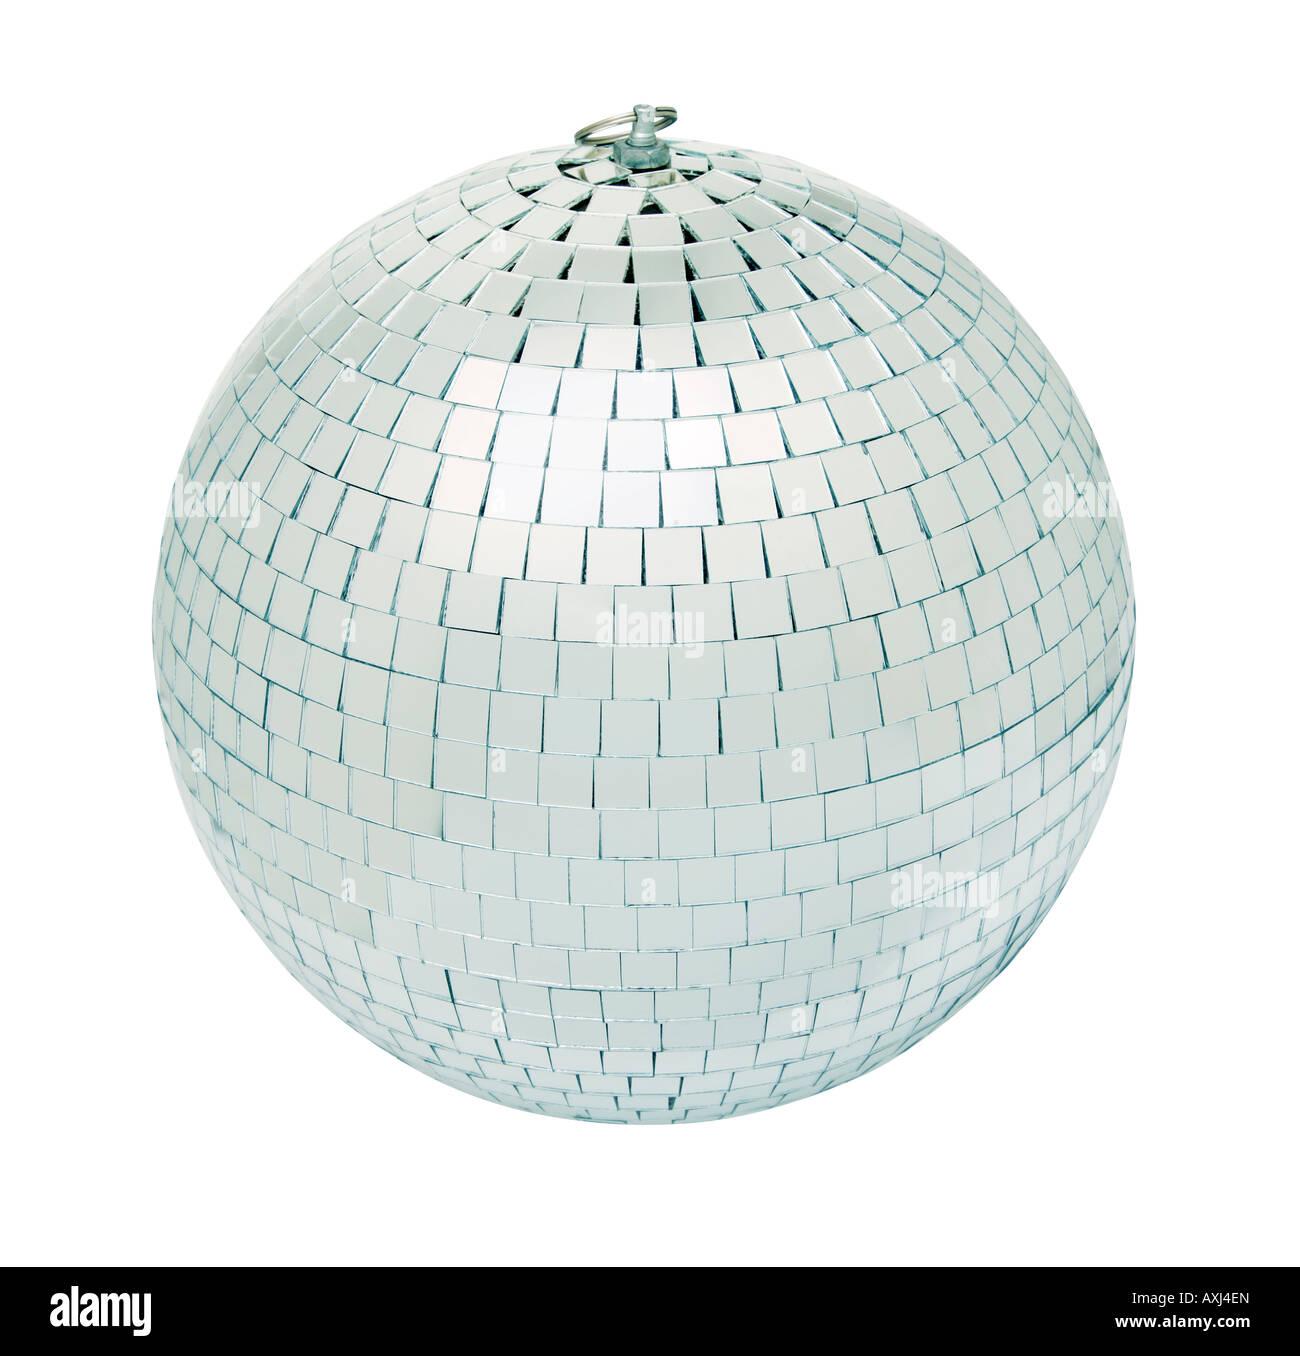 Vera e propria discoteca mirrorball isolati su sfondo bianco shot in studio con anche l'illuminazione Immagini Stock